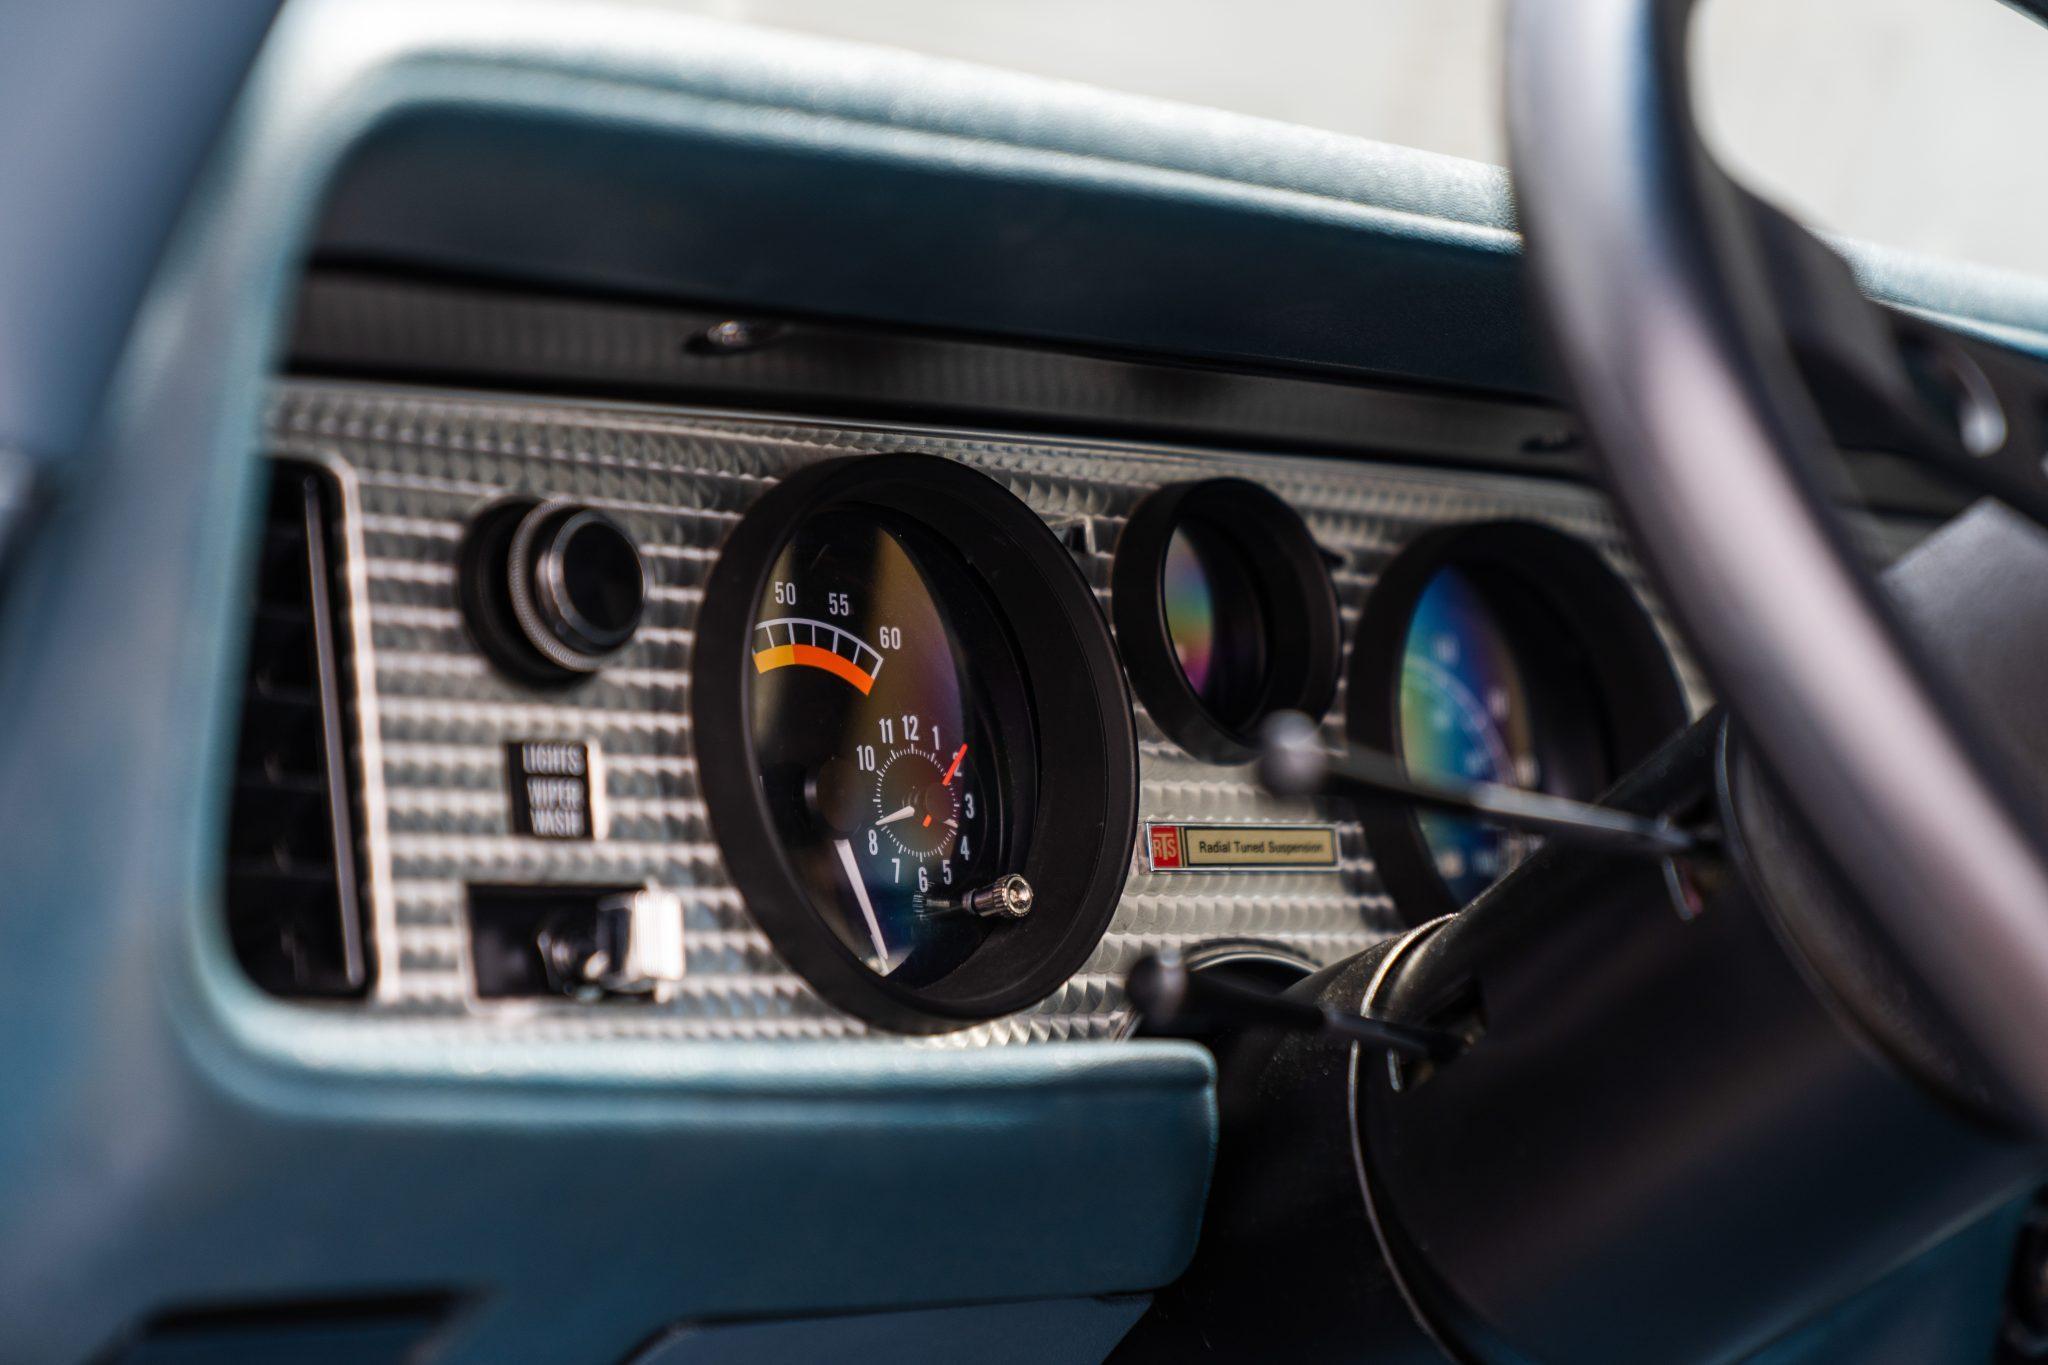 1975 Pontiac Trans Am Dash